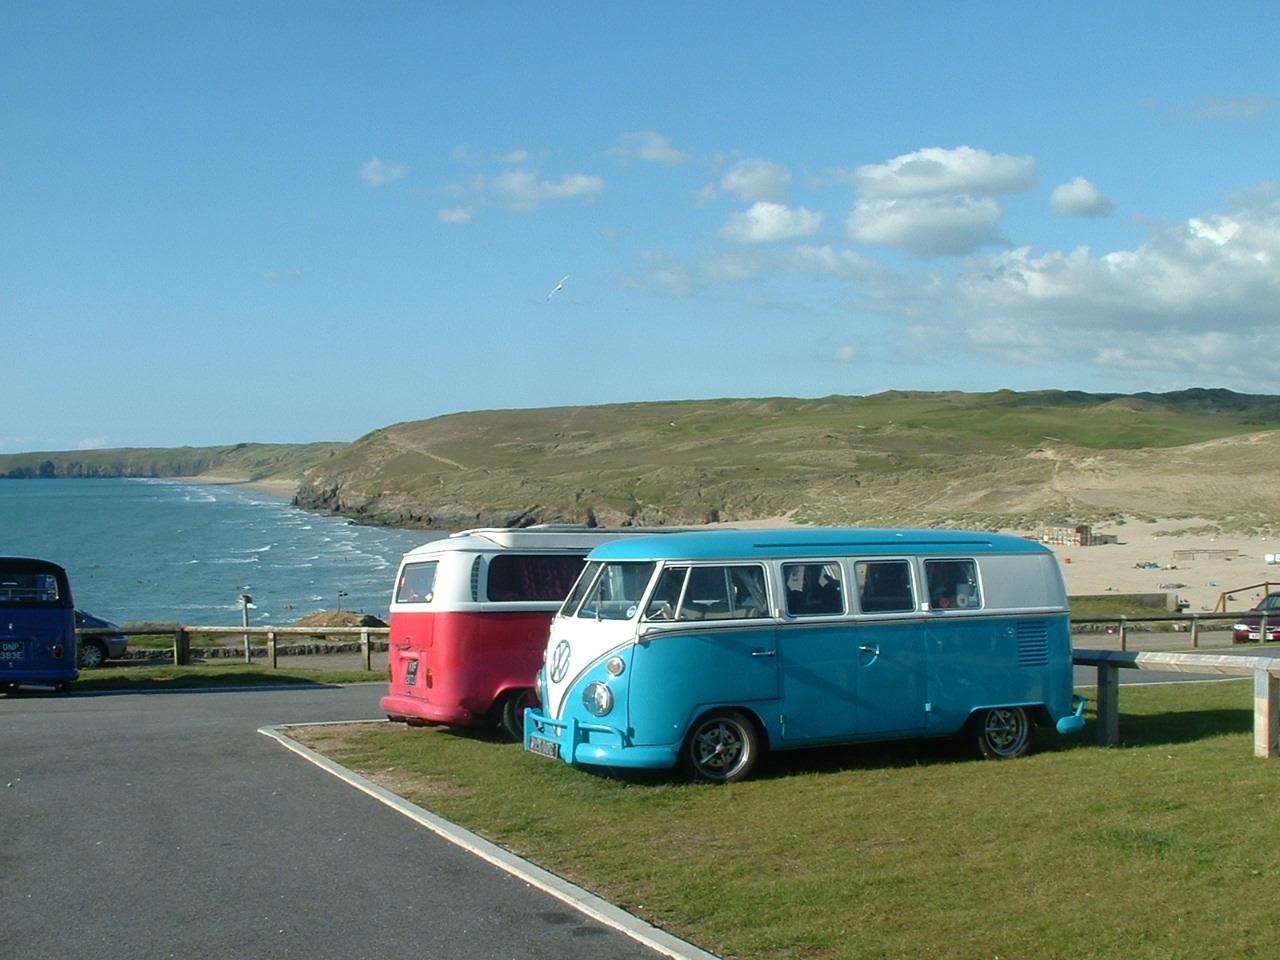 carlconwaypainter's VW Campervan